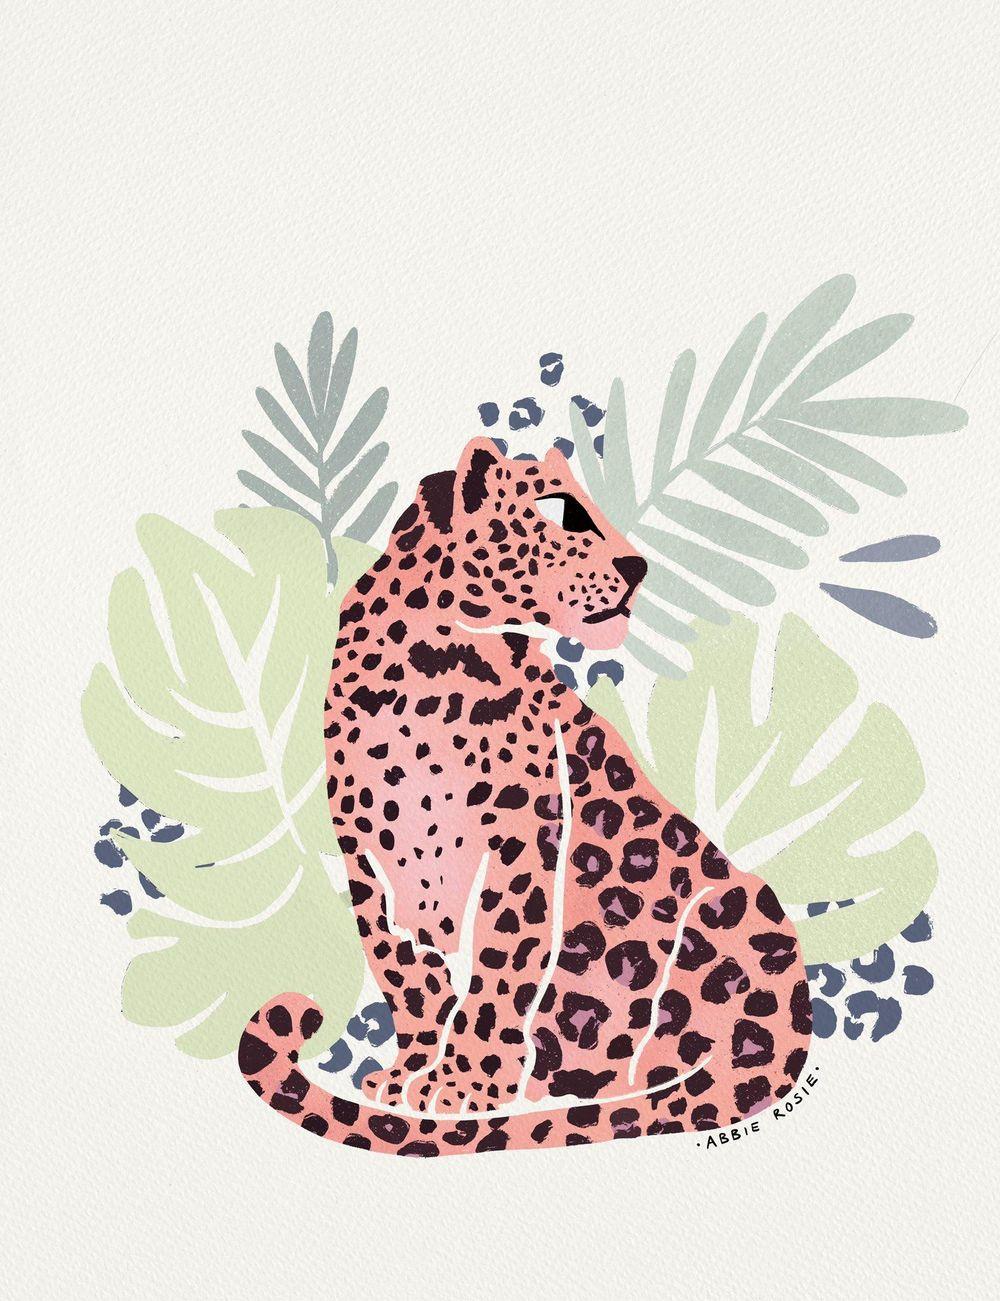 Tropical Jaguar - image 4 - student project